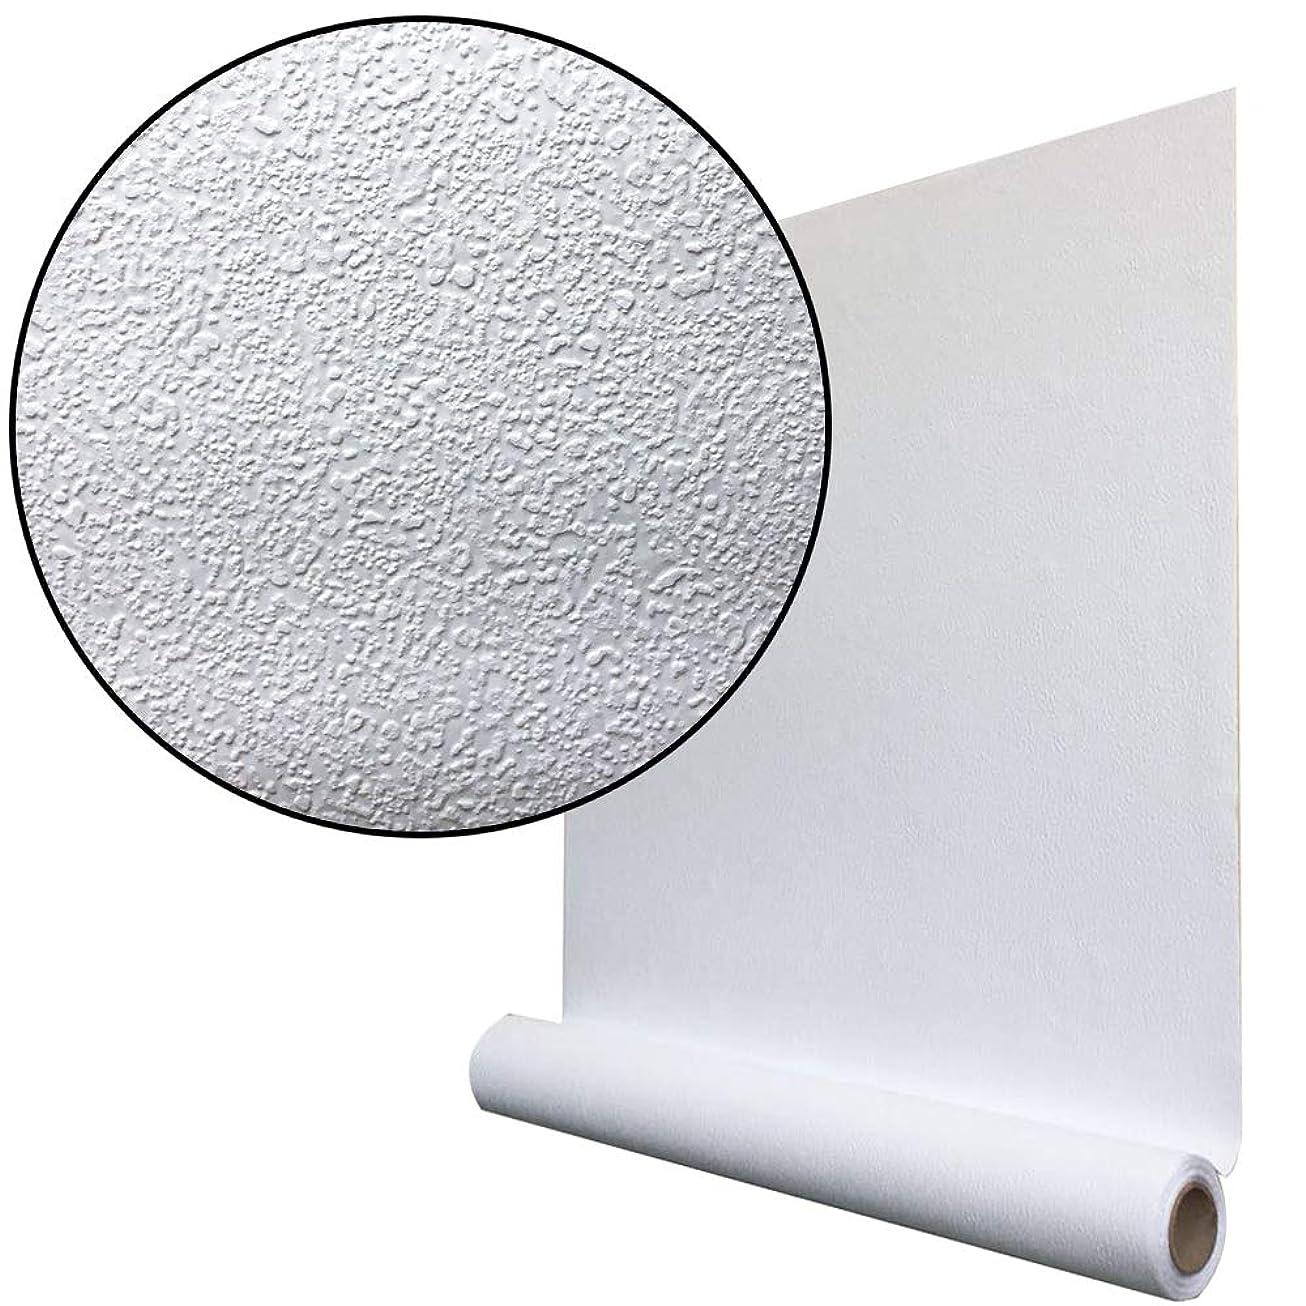 圧倒する織る魅力WAGIC (ウォジック) 貼ってはがせる 壁紙 シール 30M (厚手タイプ) 無地 【賃貸OKの簡単リメイクシート】 壁 DIY インテリア 防水 リフォーム プレミアムウォールデコシート (白 ホワイト) WA201